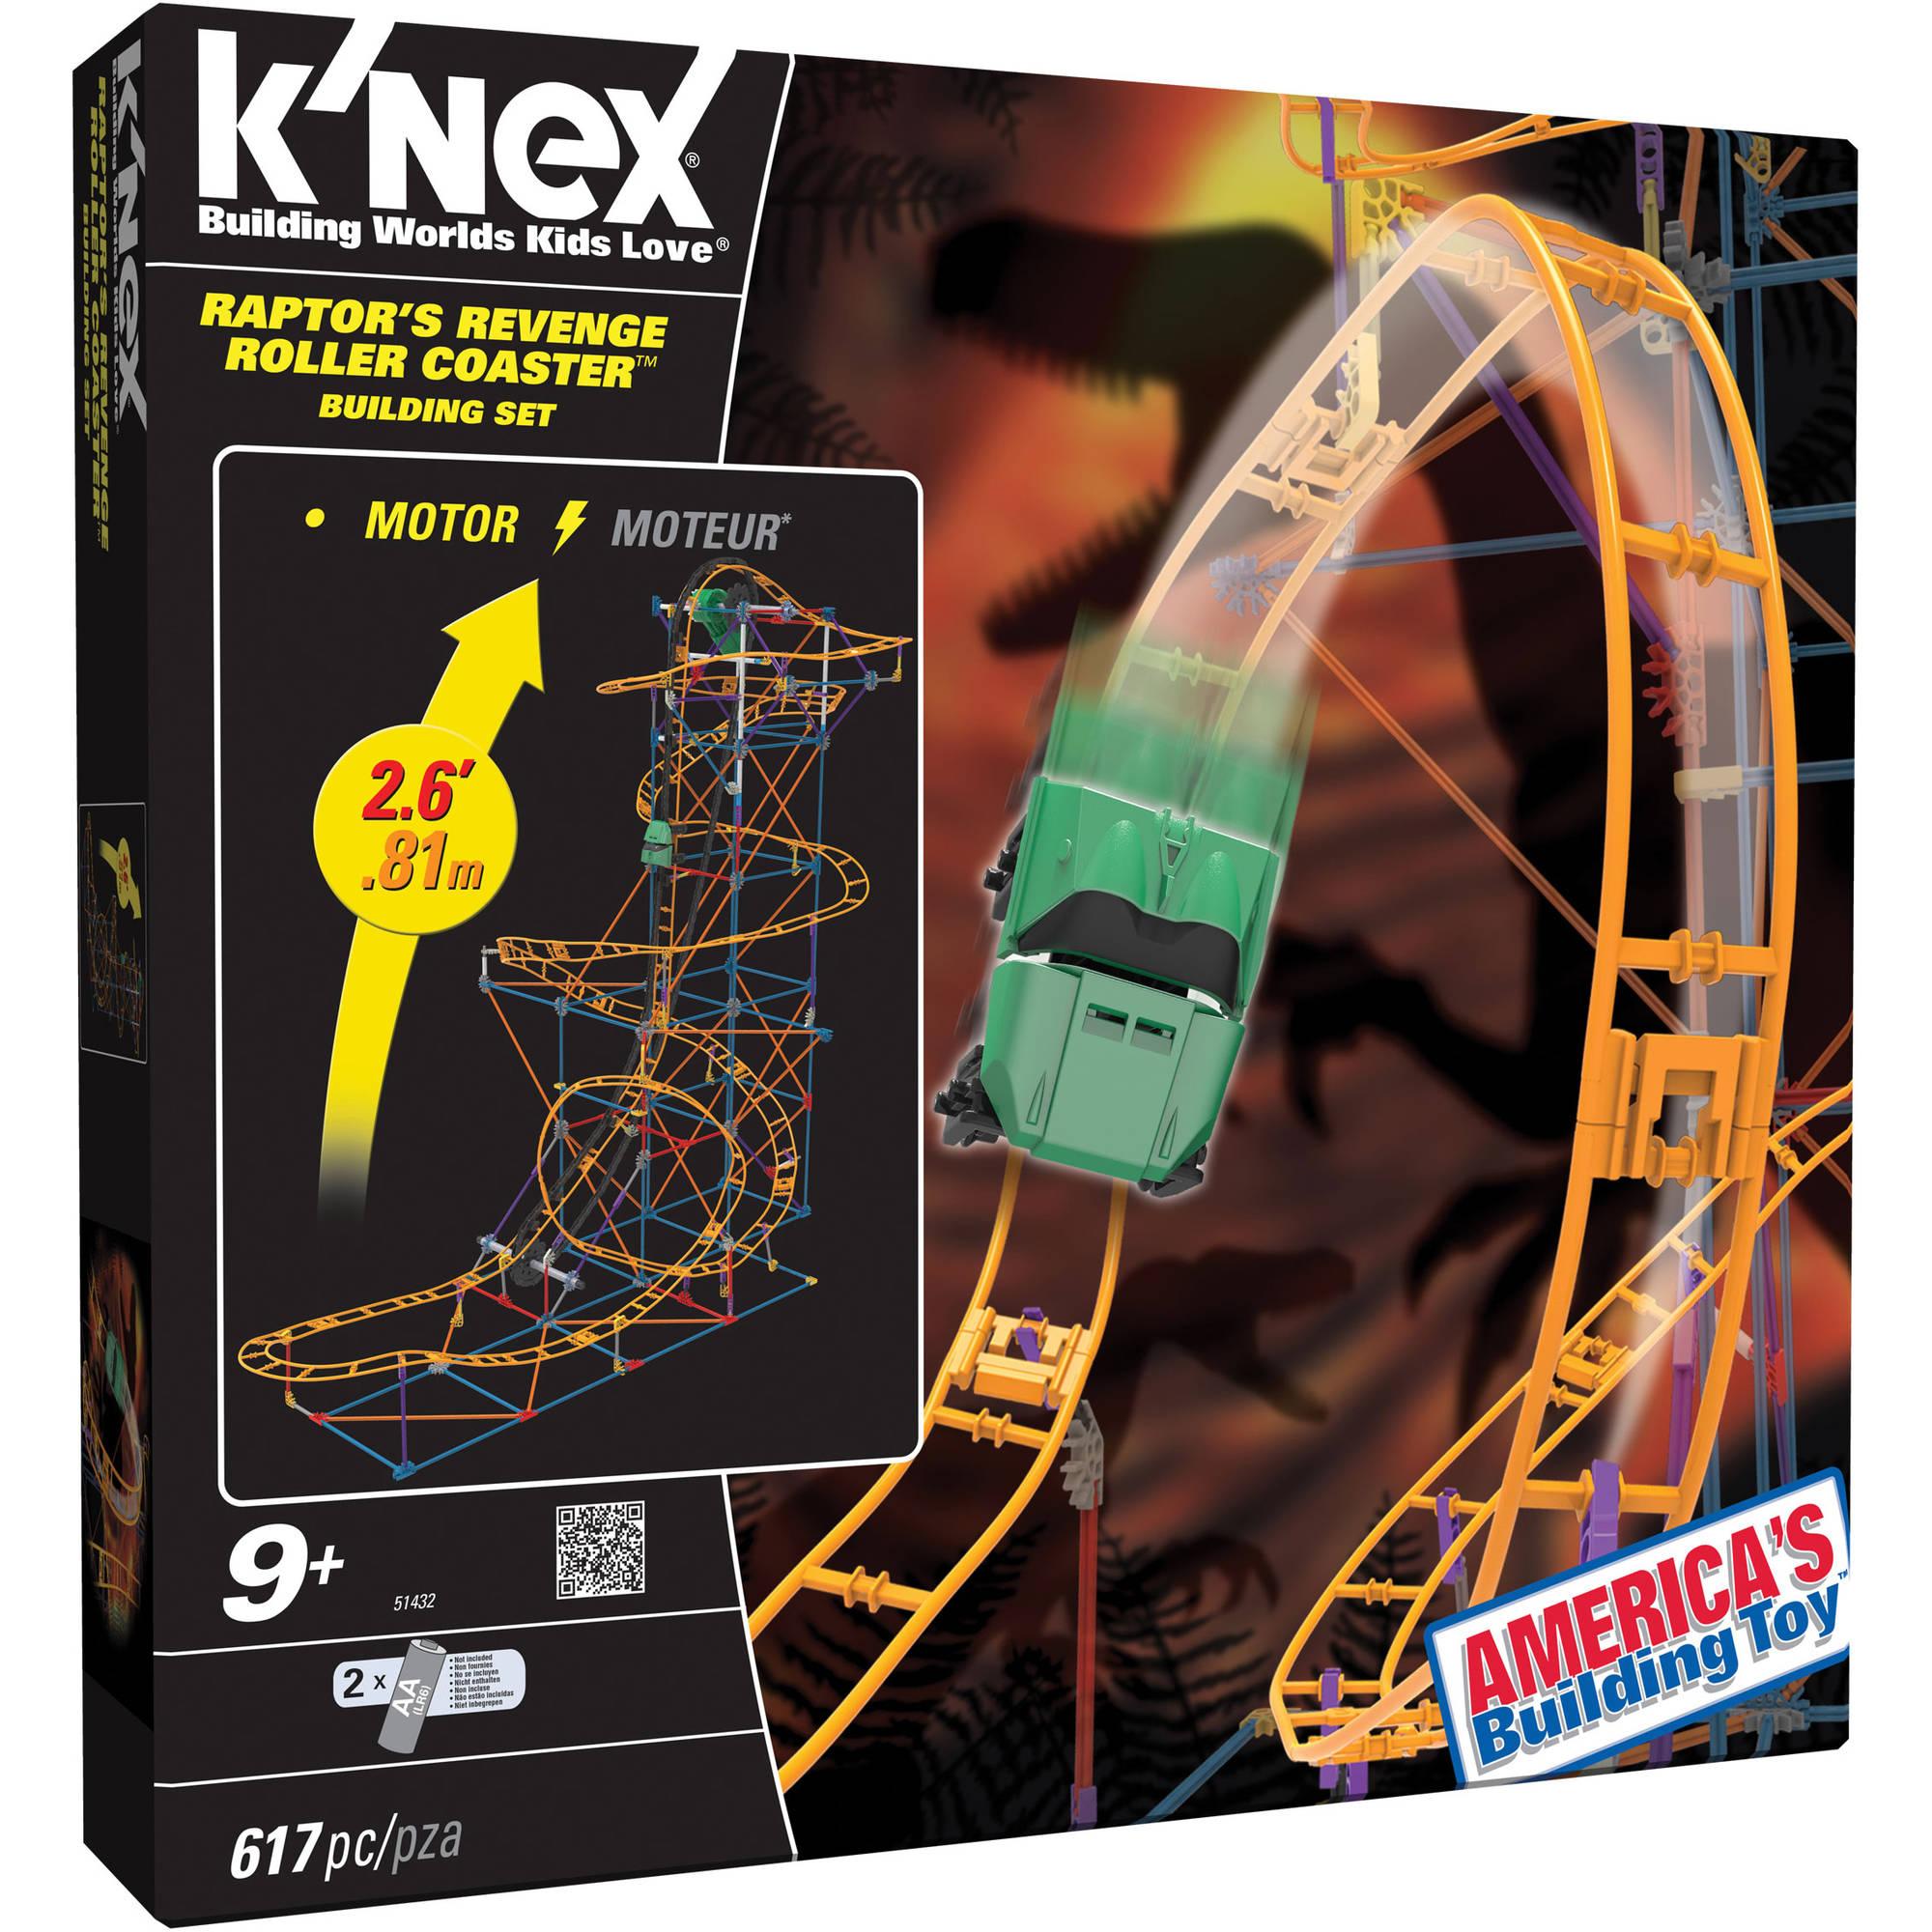 K'NEX Raptor's Revenge Roller Coaster Building Set